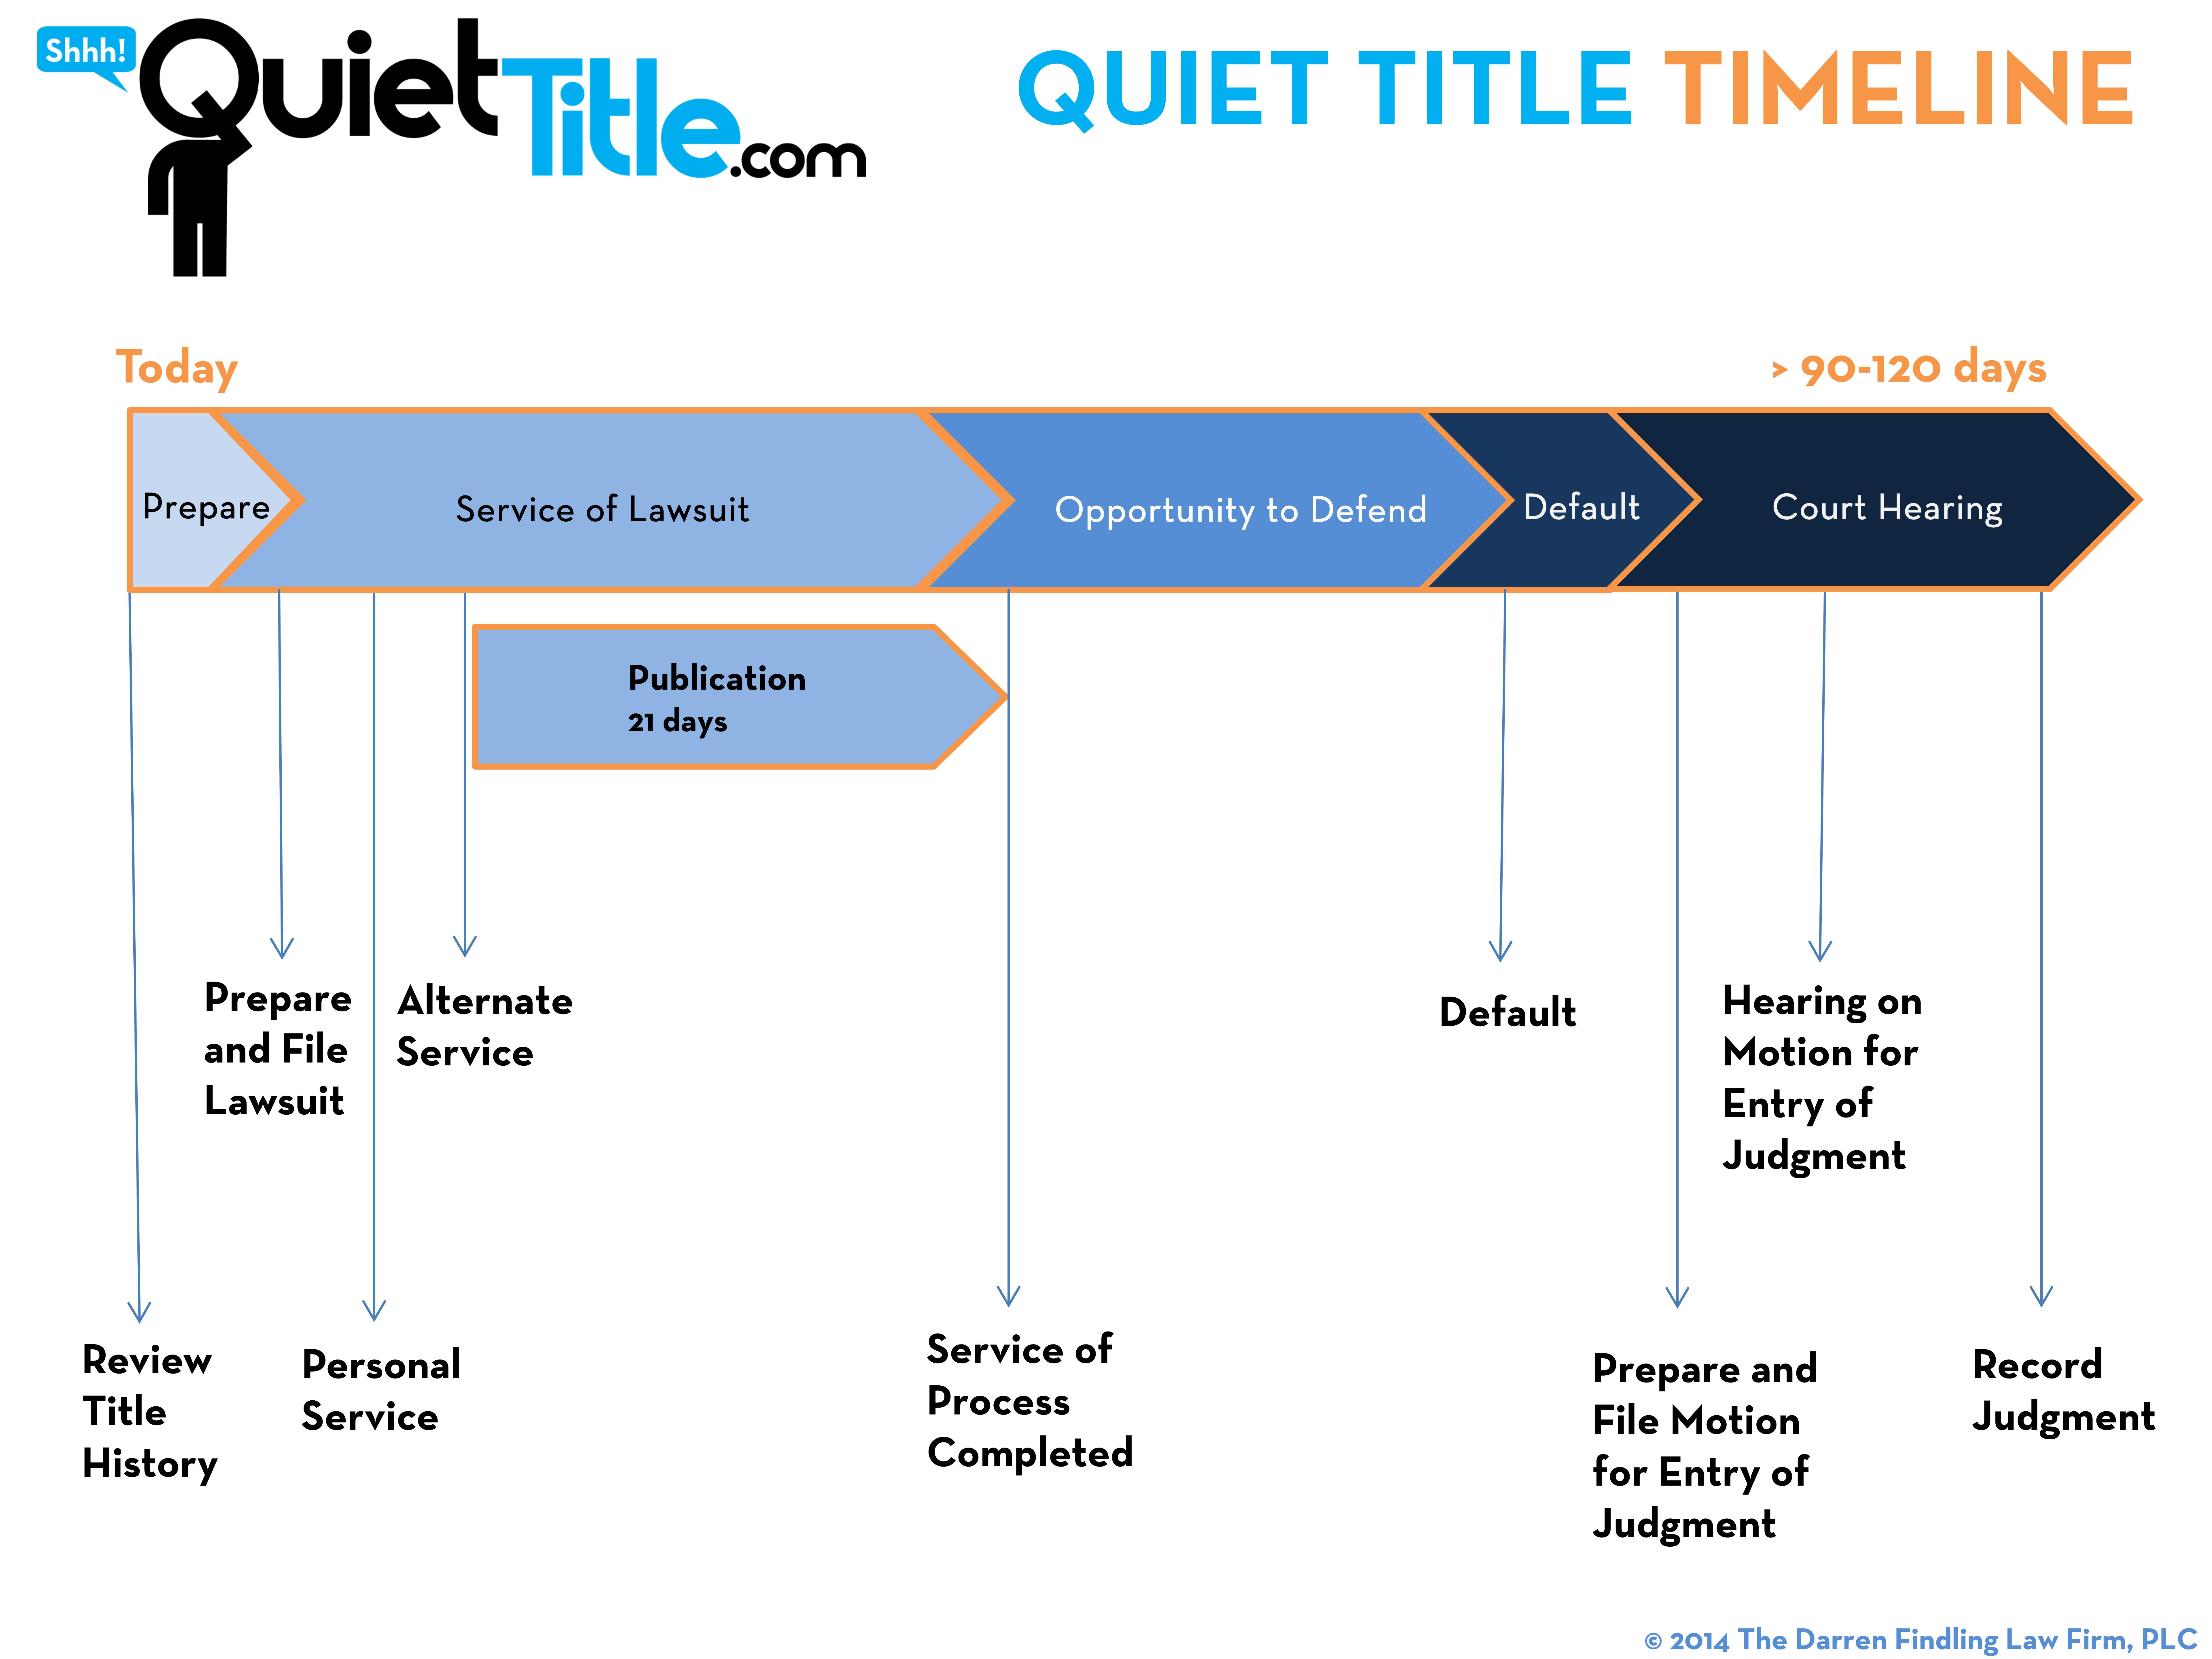 Quiet Title Timeline